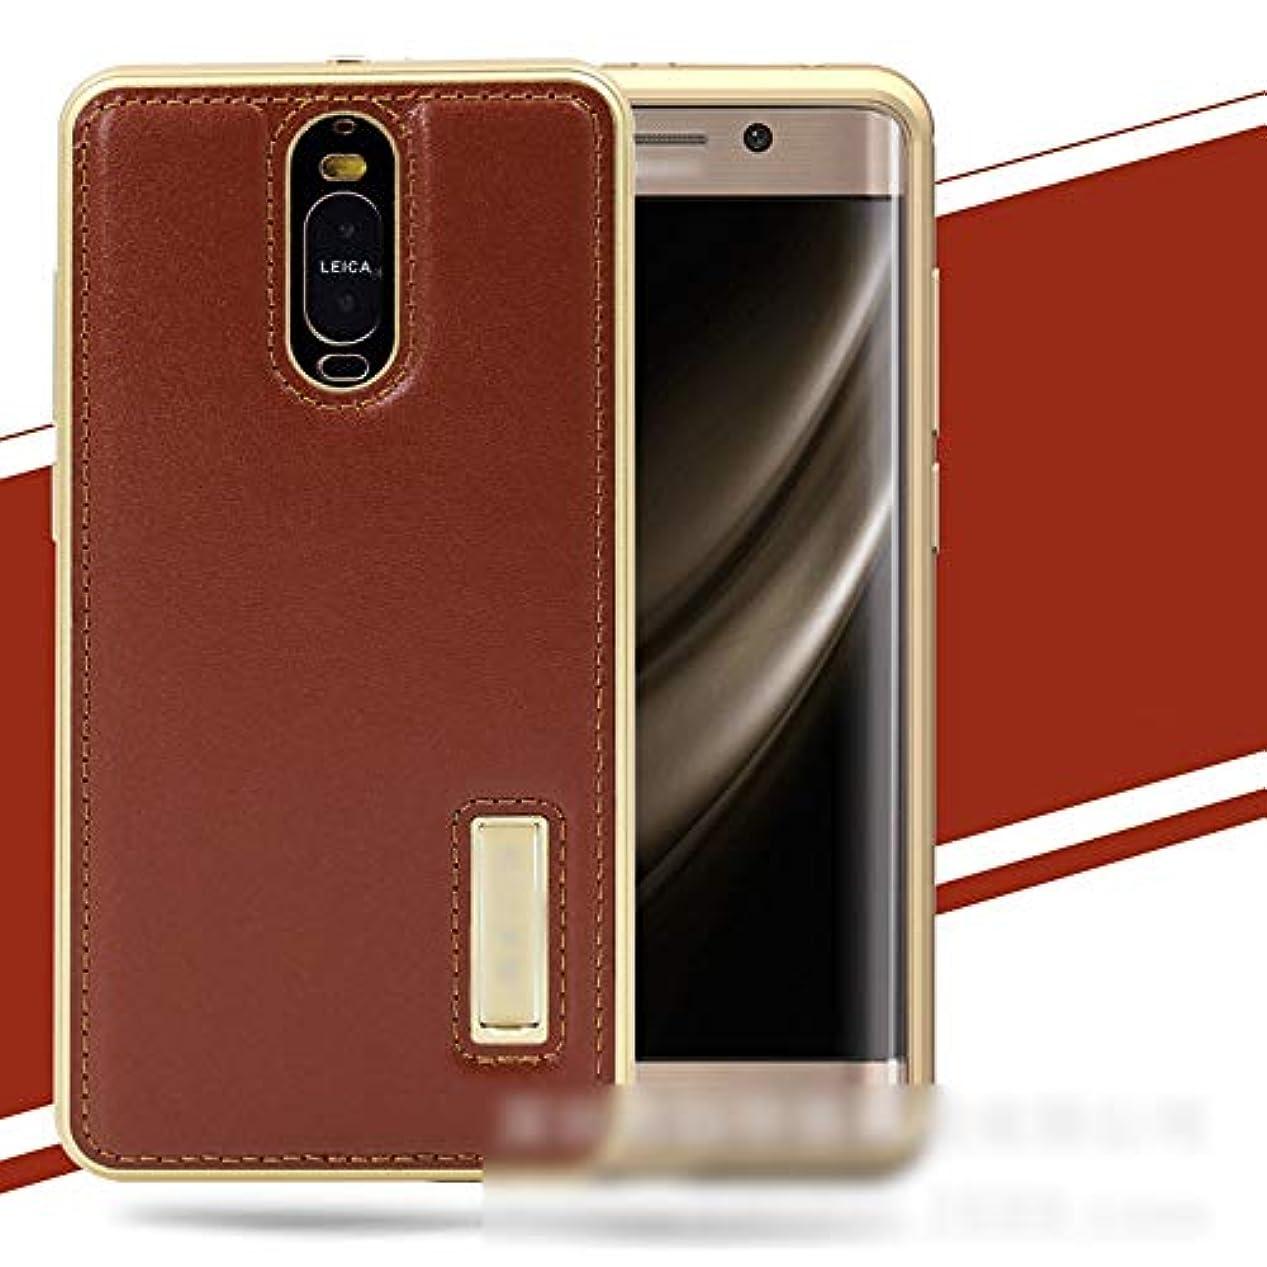 エンドテーブル男バイバイTonglilili Huawei P10、P10 Plus、Mate9、Mate10、Mate10 Pro、Mate9 Pro用の新しい高級レザーケースメタル保護カバーの電話ケース (Color : ブラウン, Edition : Mate10)